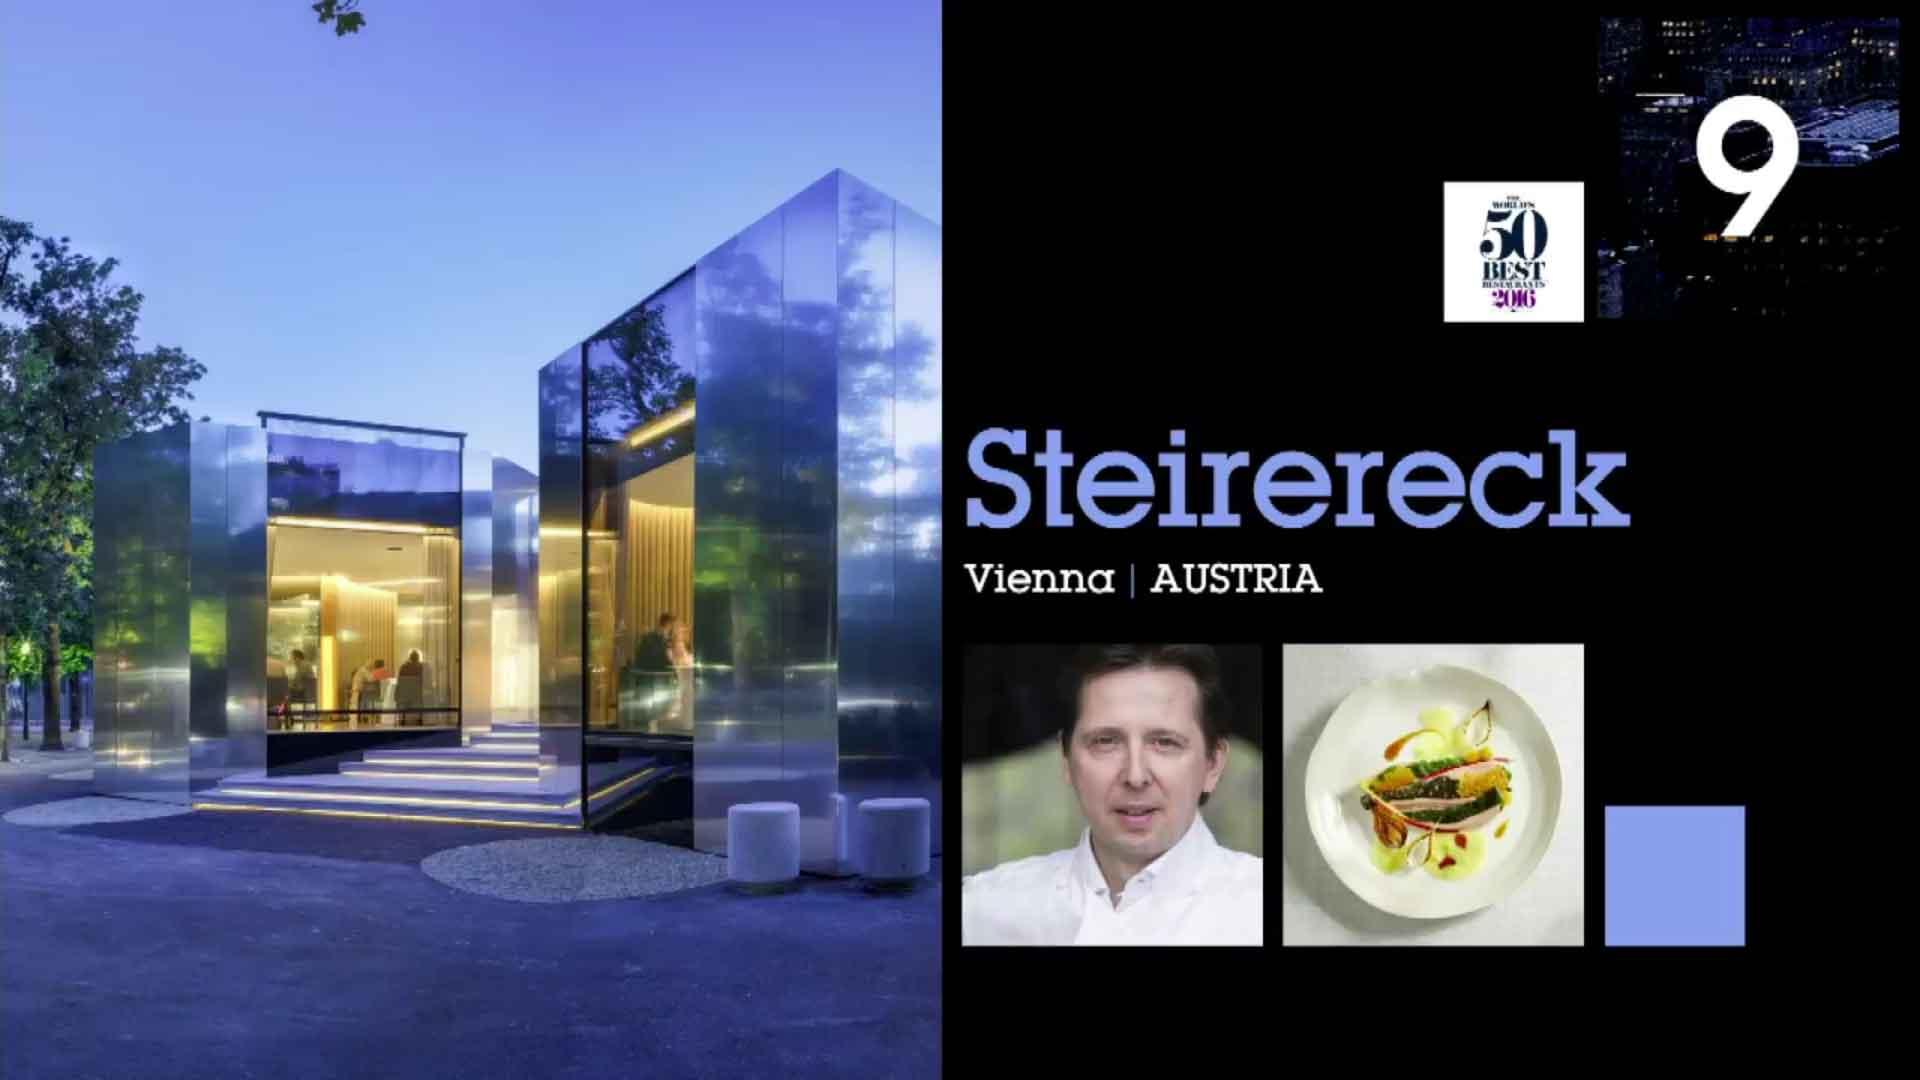 50 Best Restaurants 2016 classifica 9